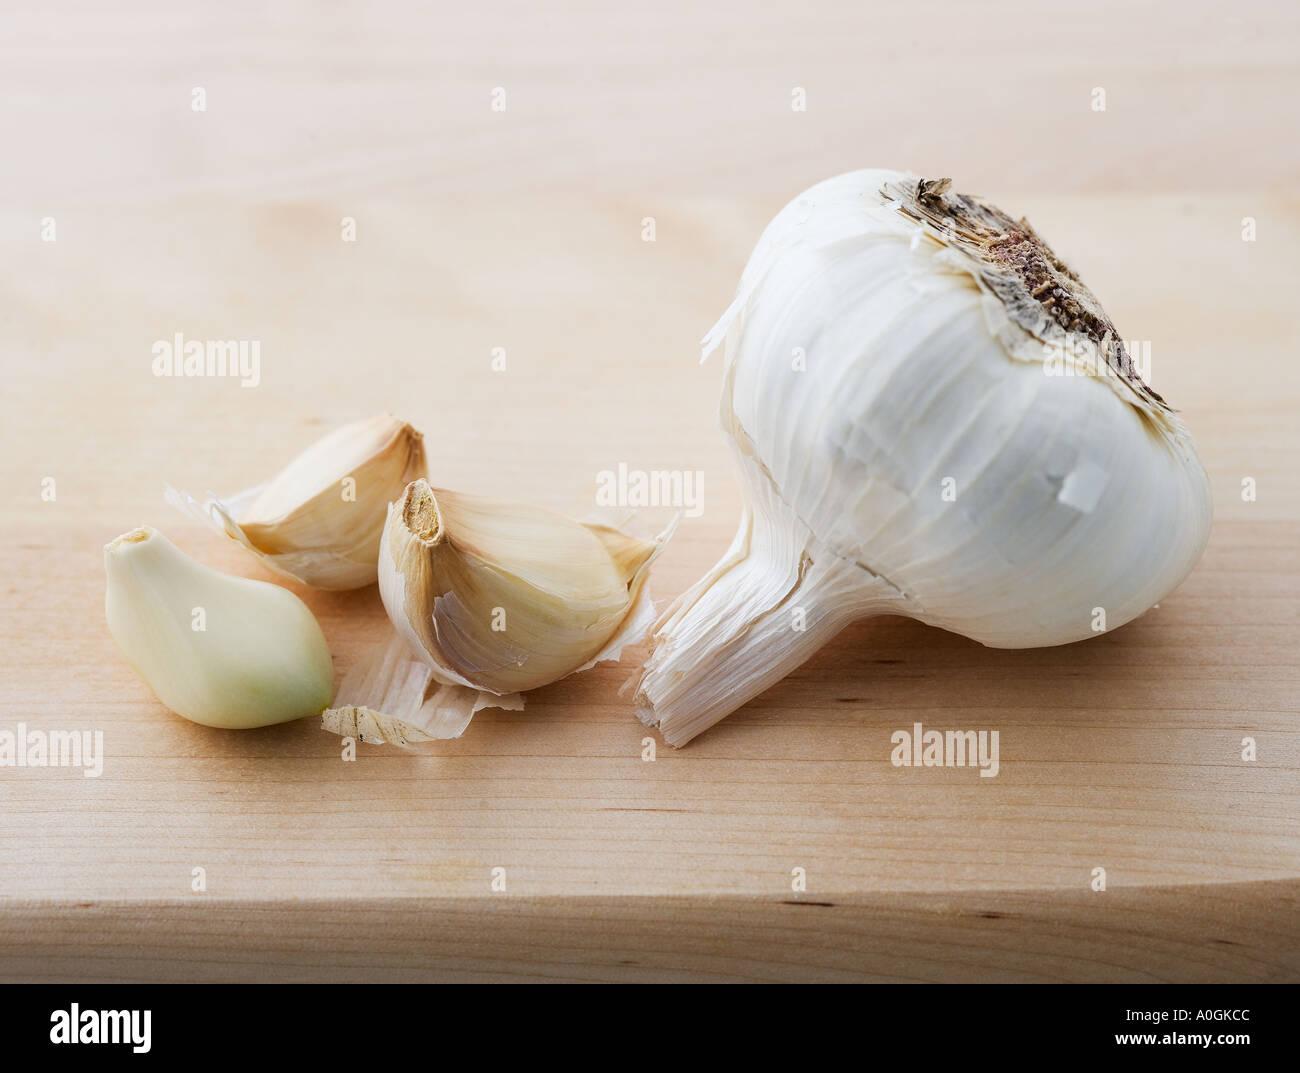 closeup-of-garlic-head-and-cloves-A0GKCC